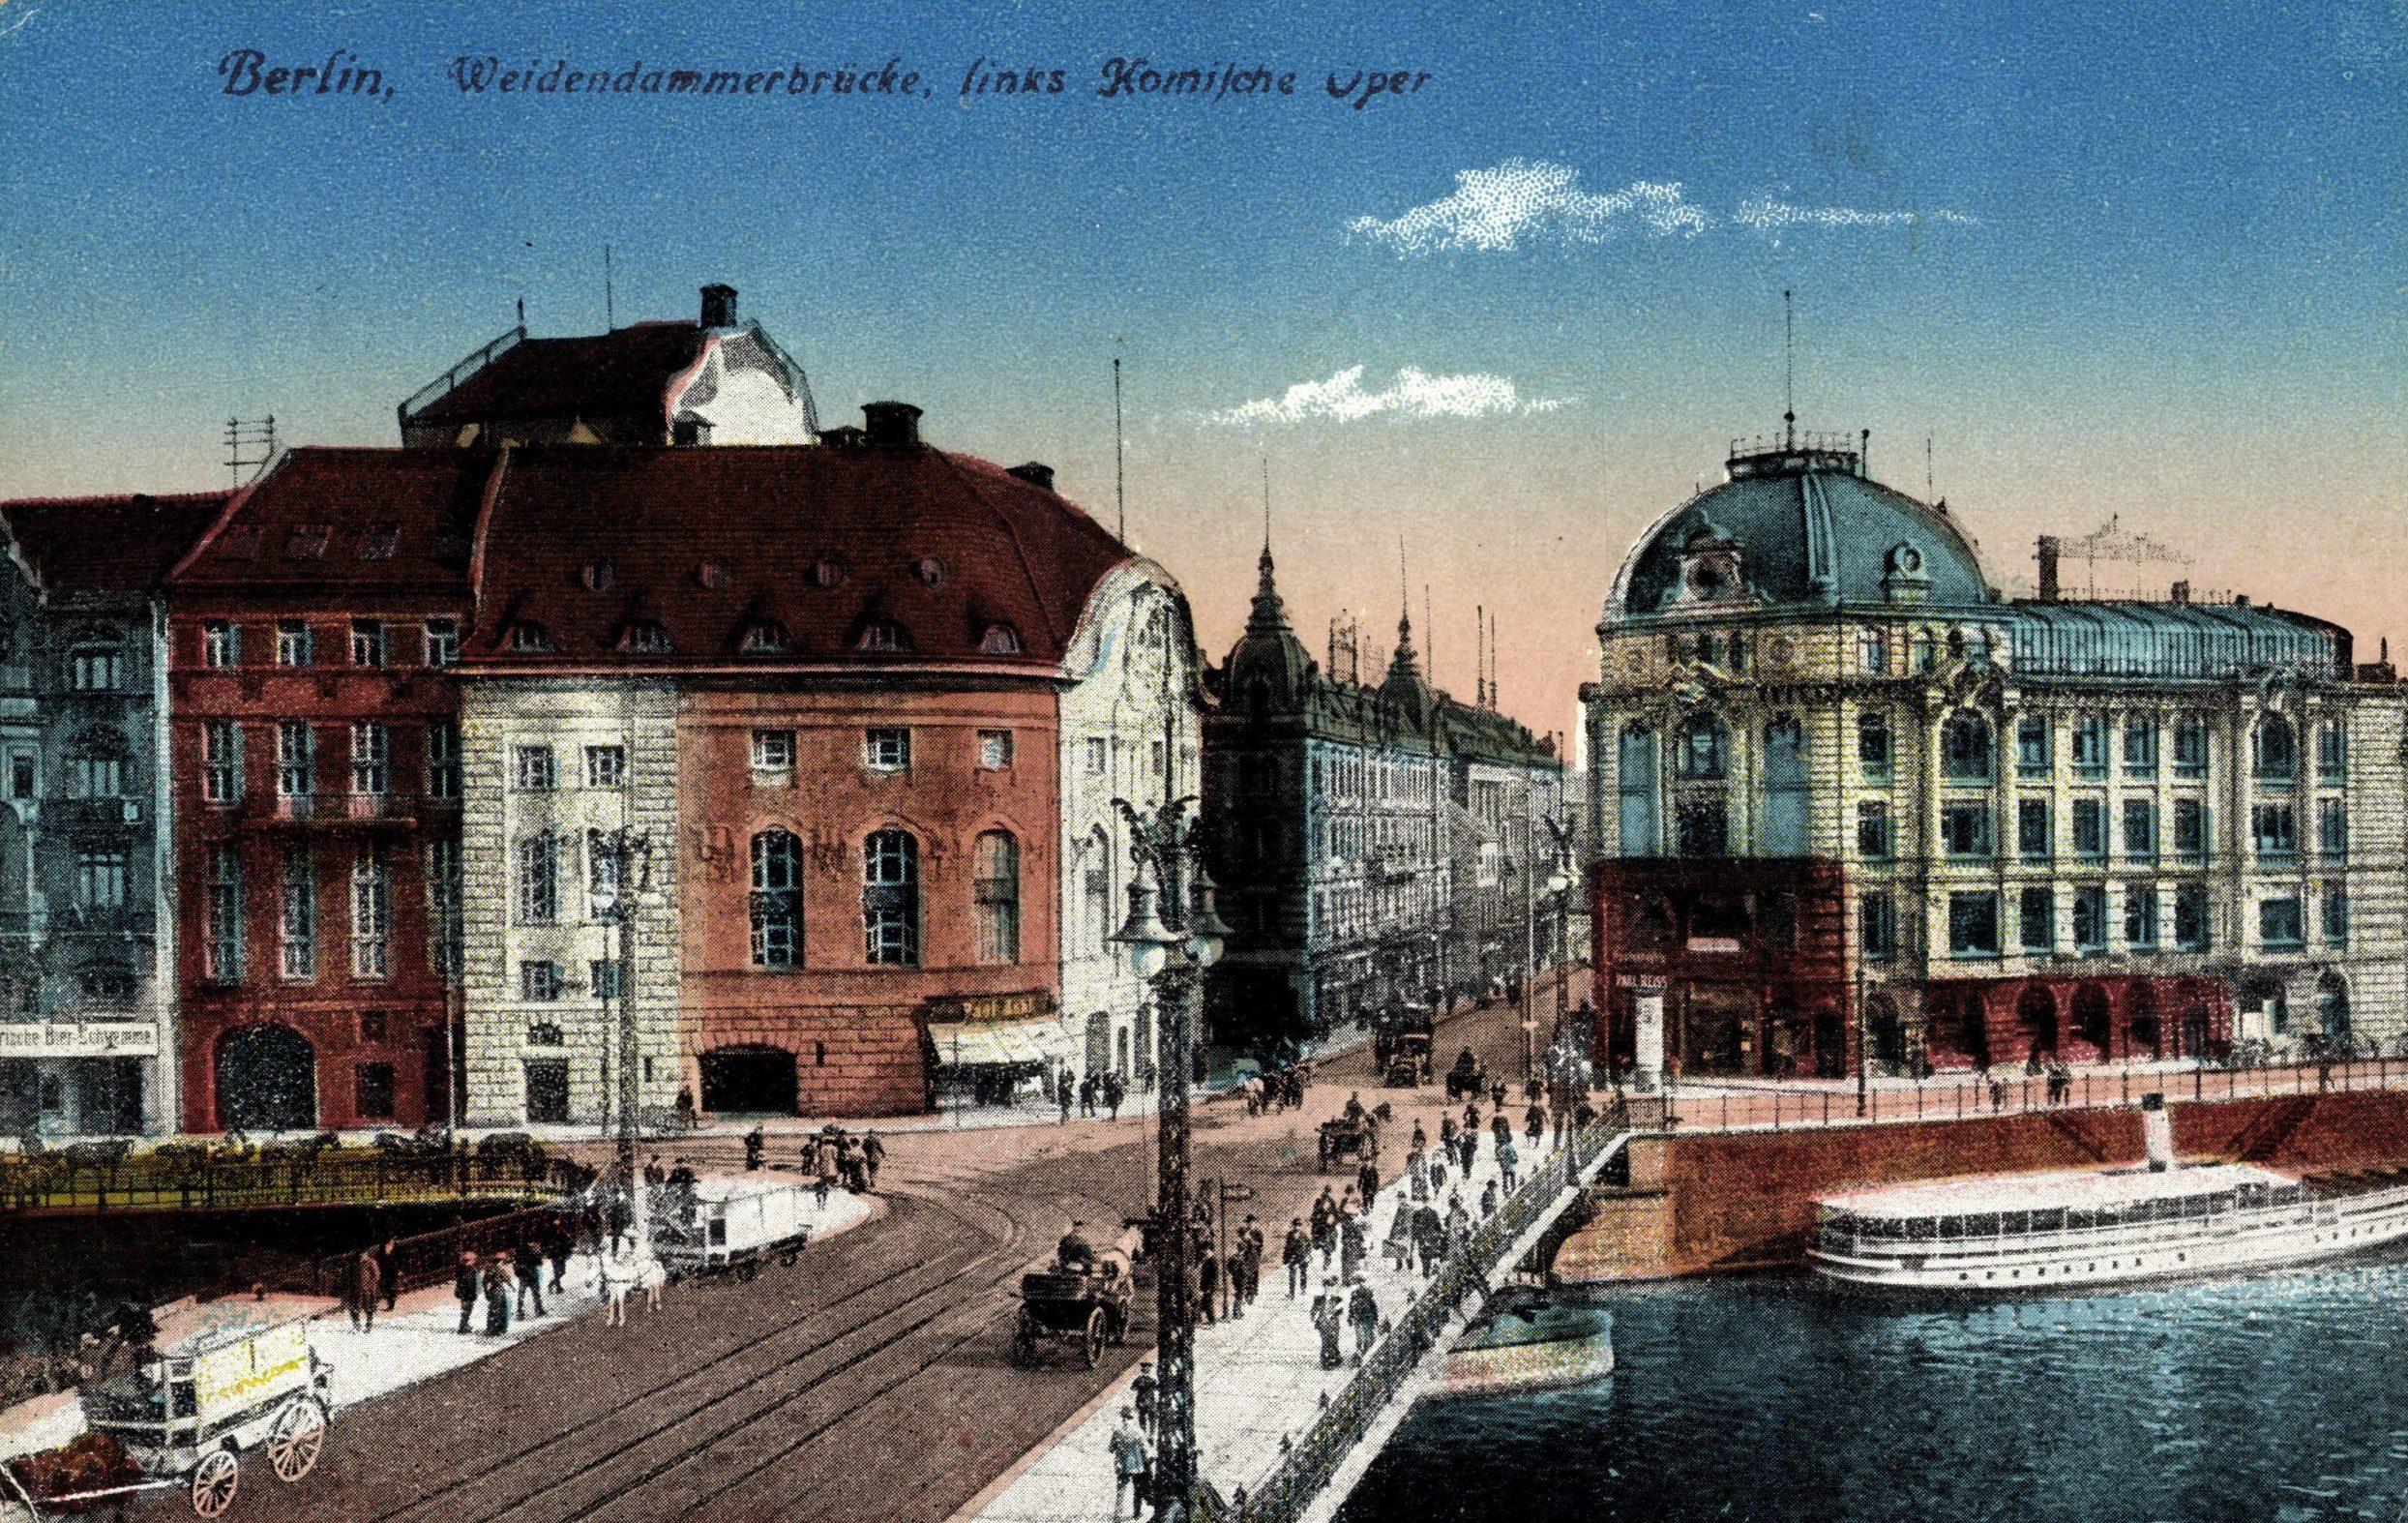 Weidendammer Brücke, links Komische Oper, um 1917. Foto: Imago/Arkivi